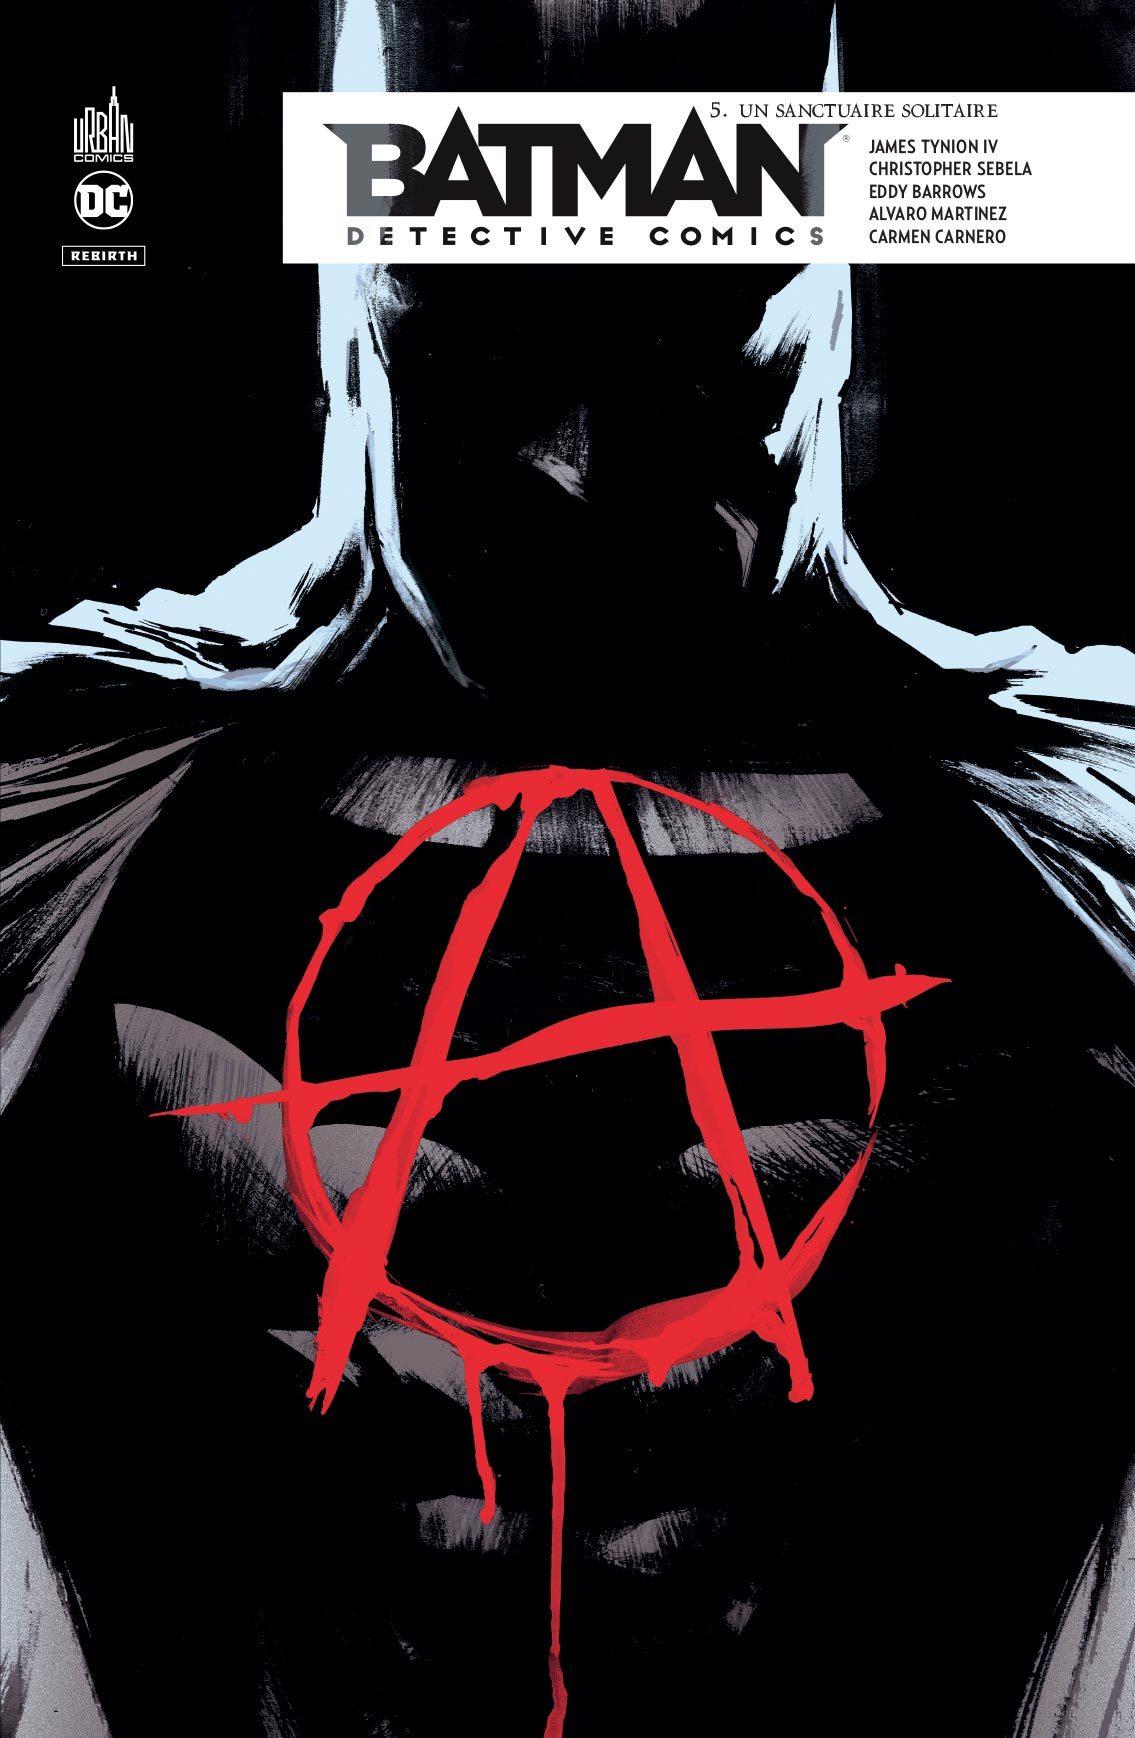 DC REBIRTH - BATMAN DETECTIVE COMICS TOME 5